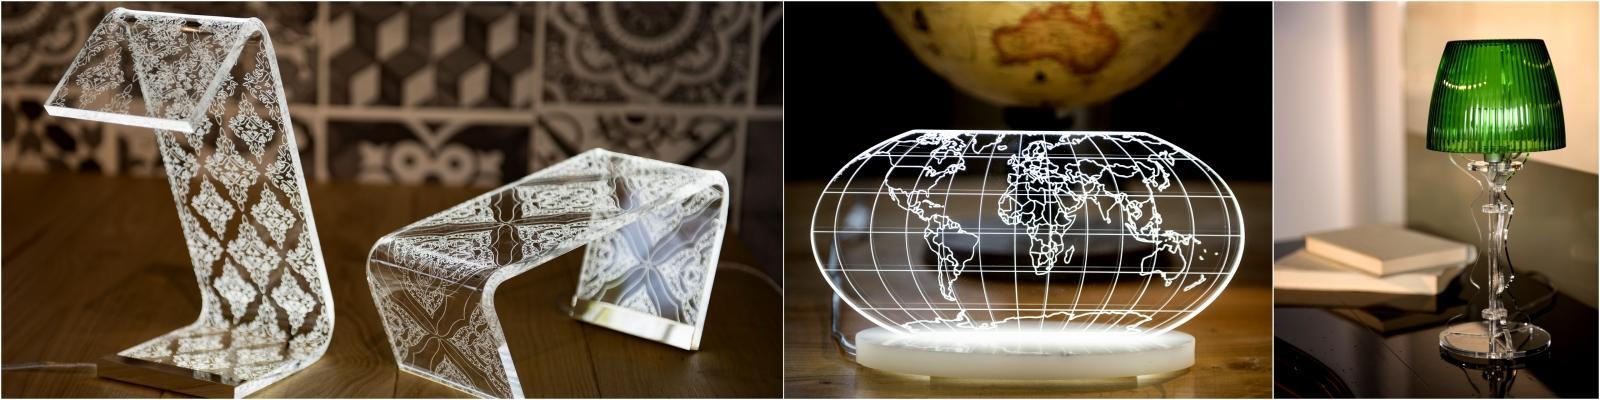 Proposte di arredo in cristallo acrilico di Vesta